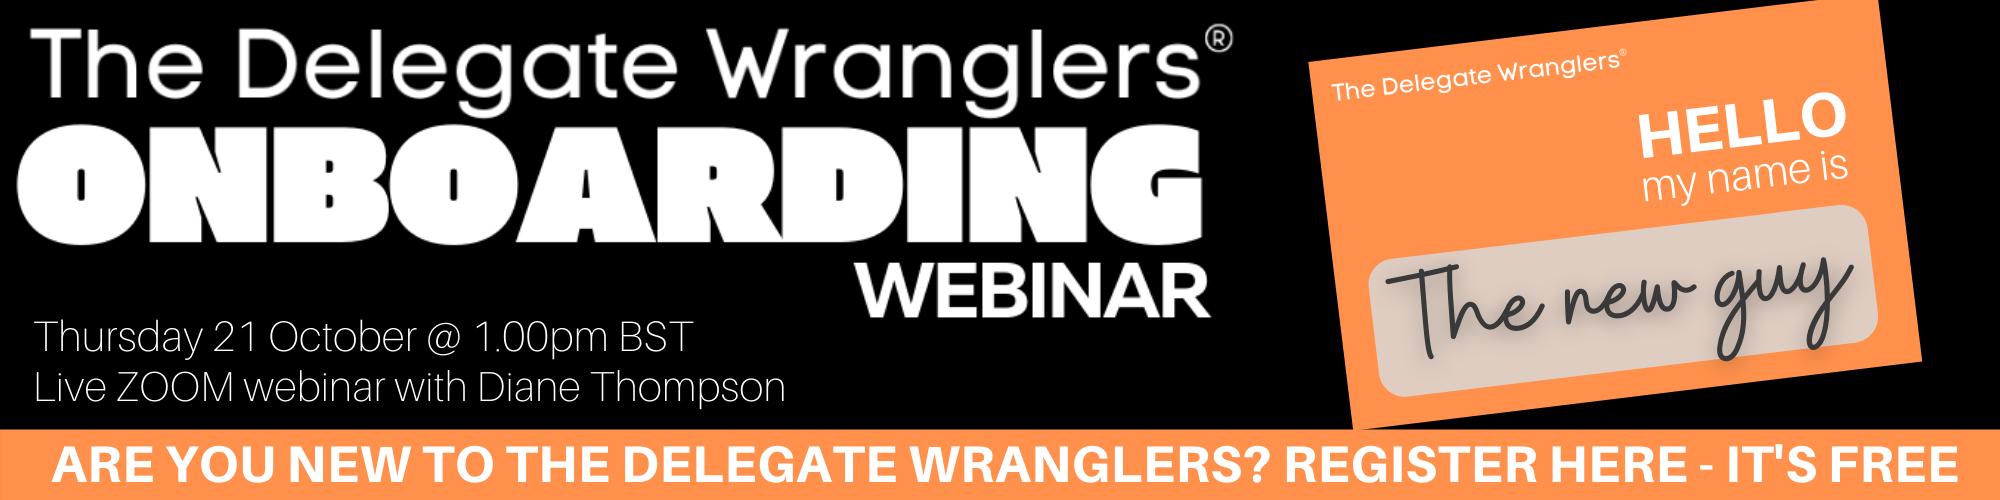 DW Onboarding Webinar (21 Oct)